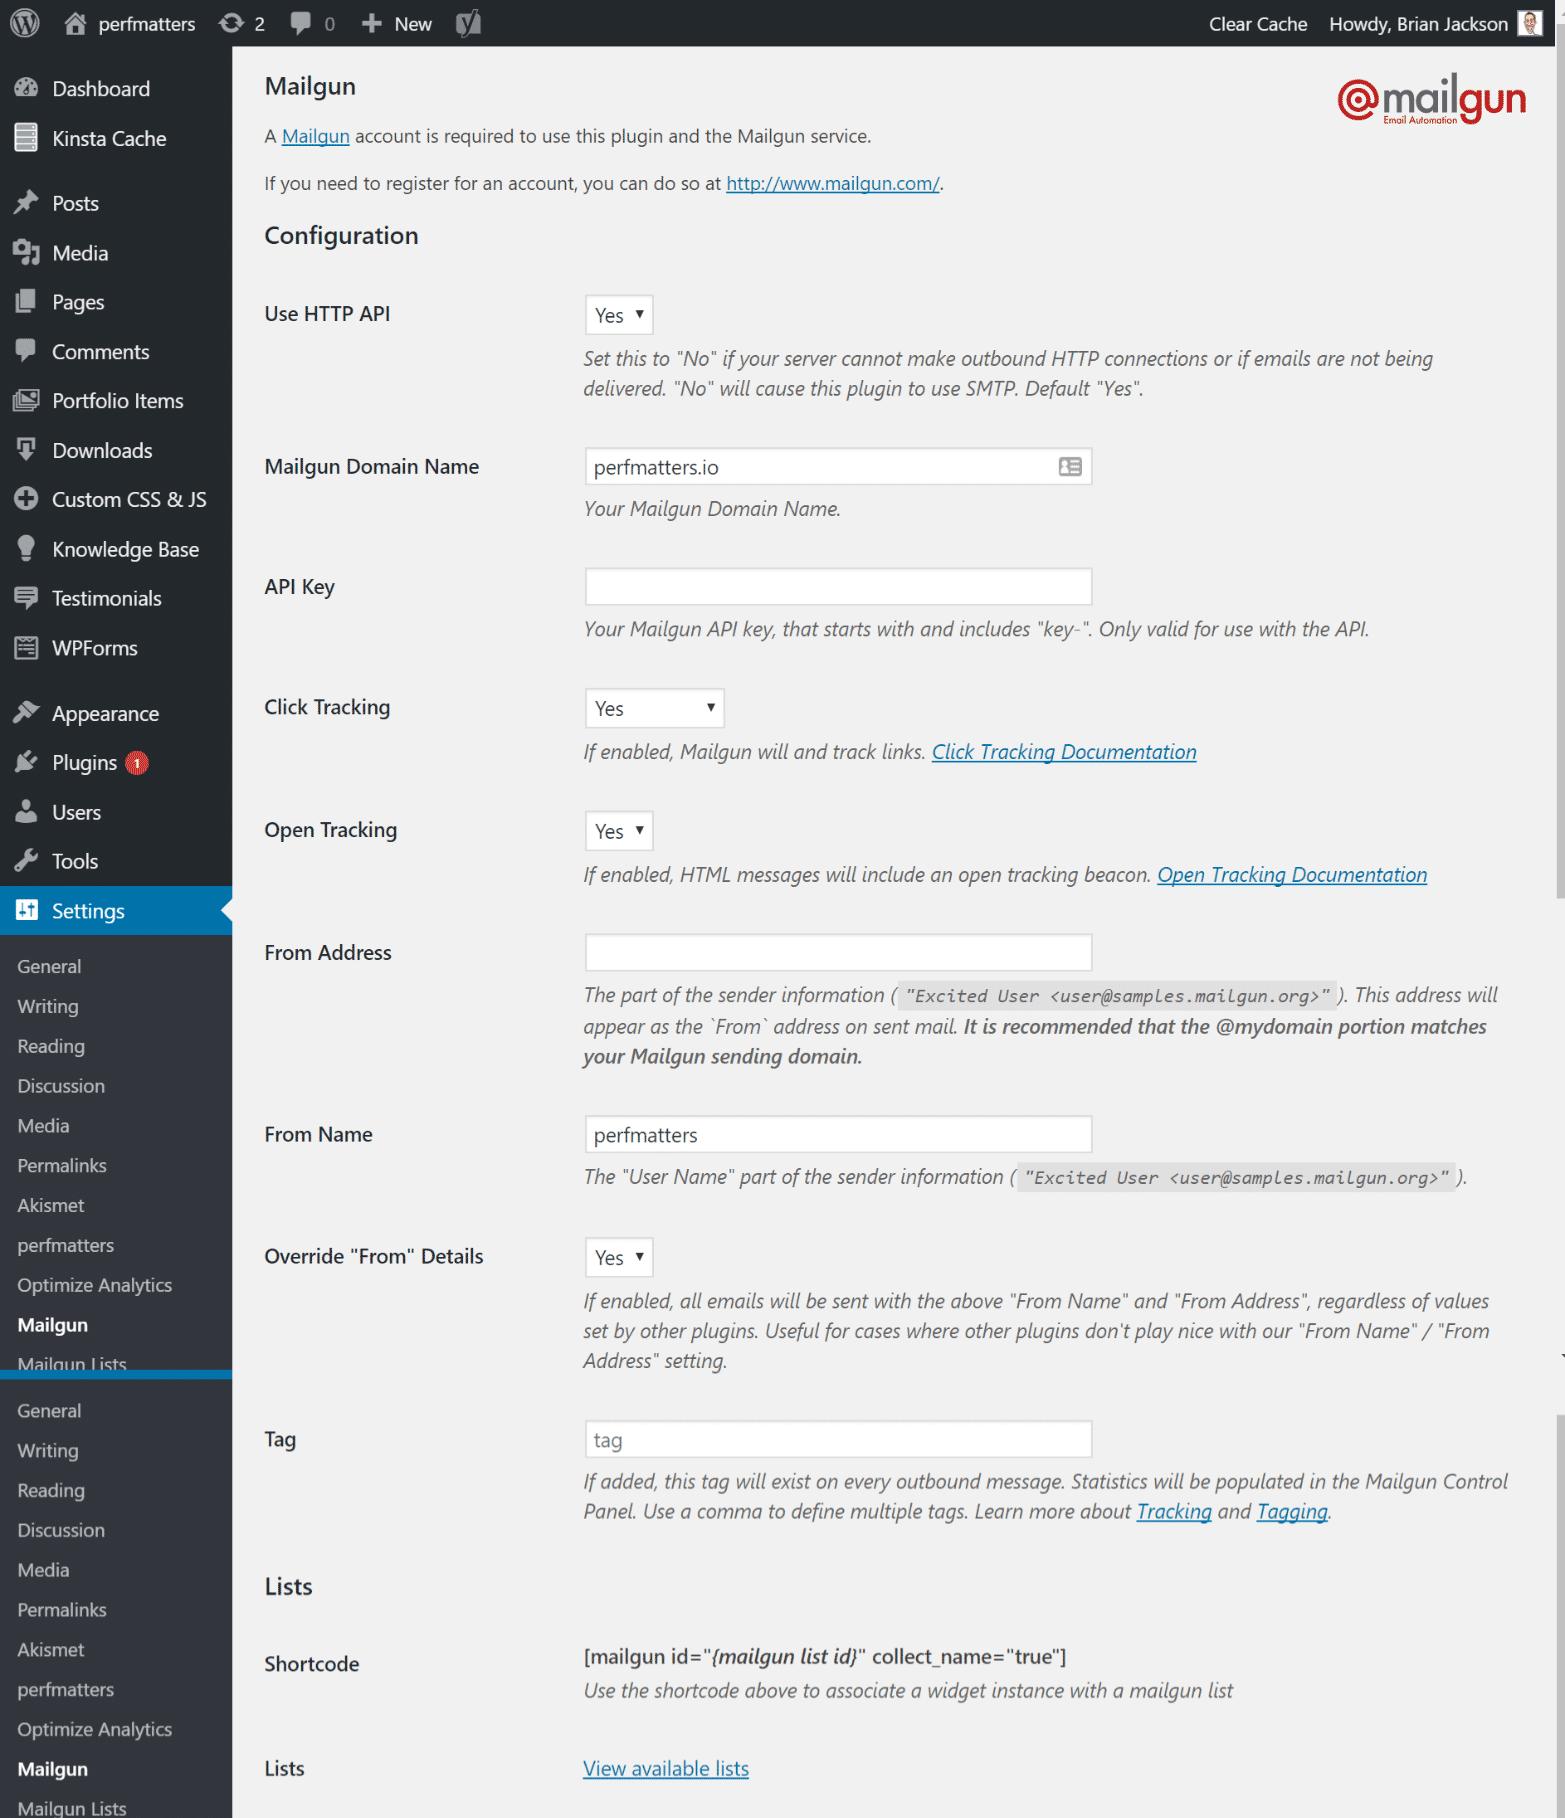 Impostazioni plugin Mailgun